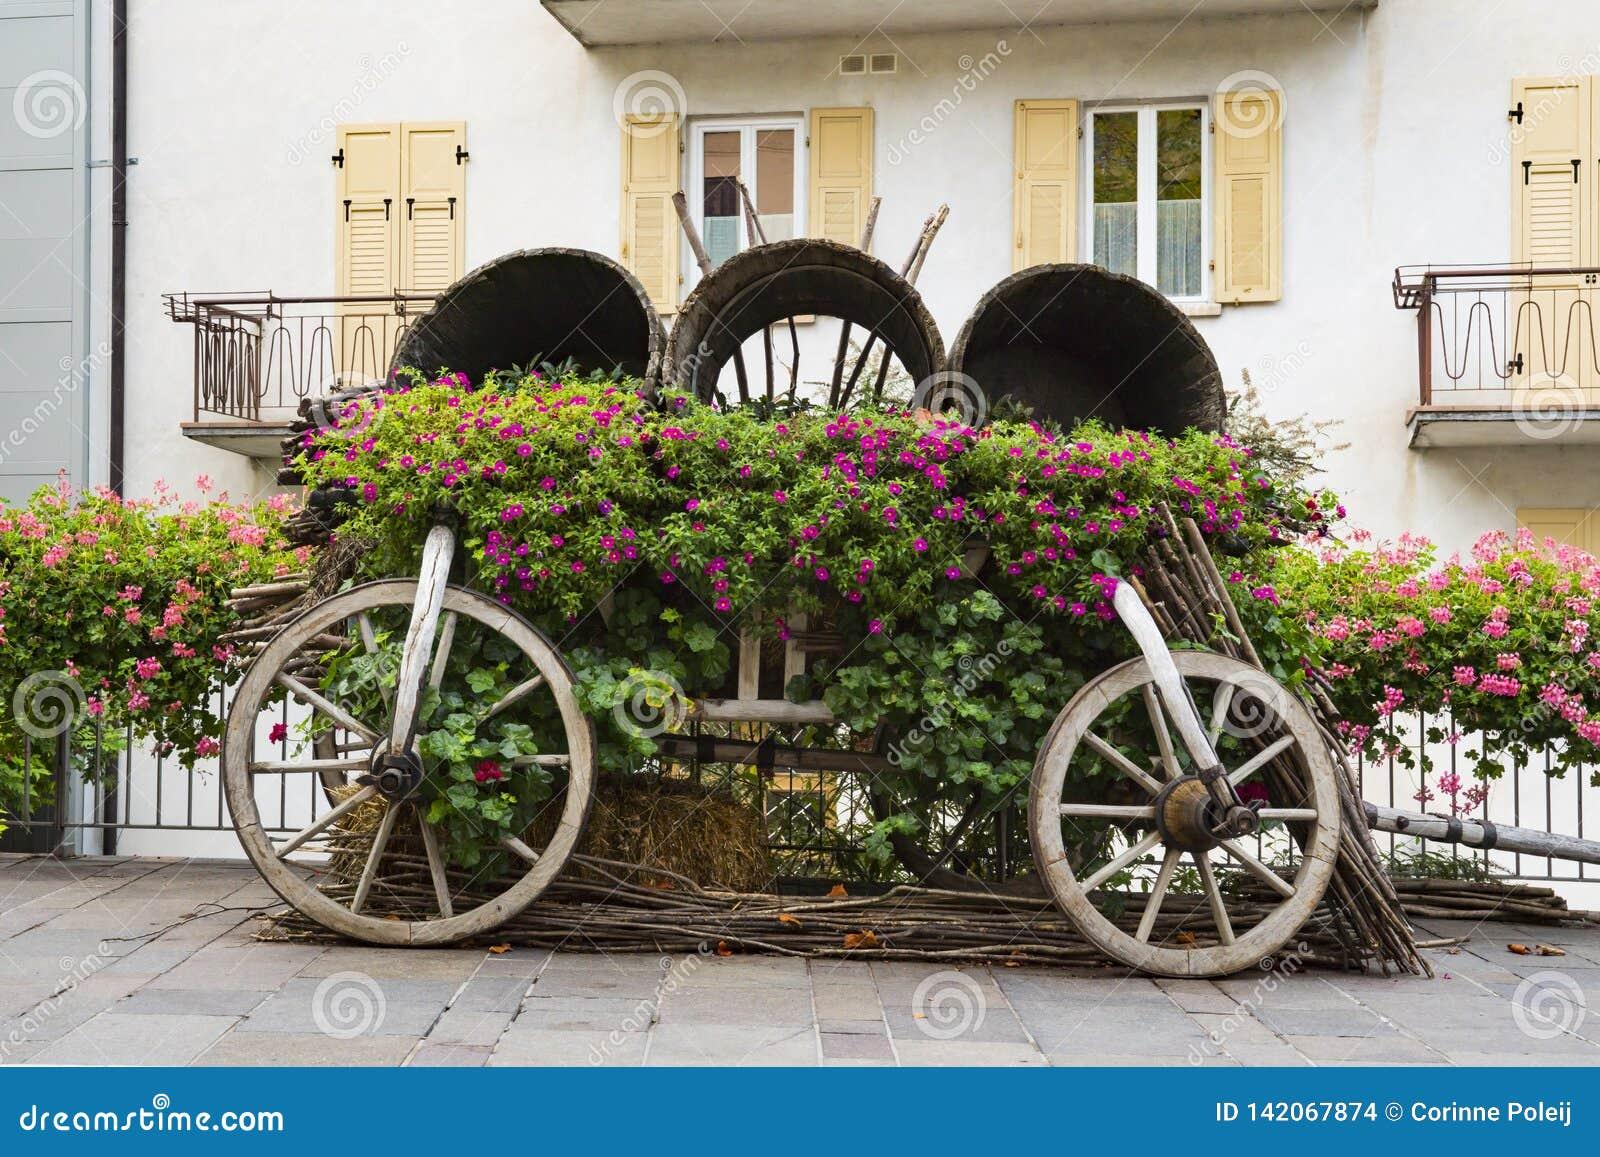 Dekoracyjny samochód z kwiatami w ulicznym Levico Termen, Włochy